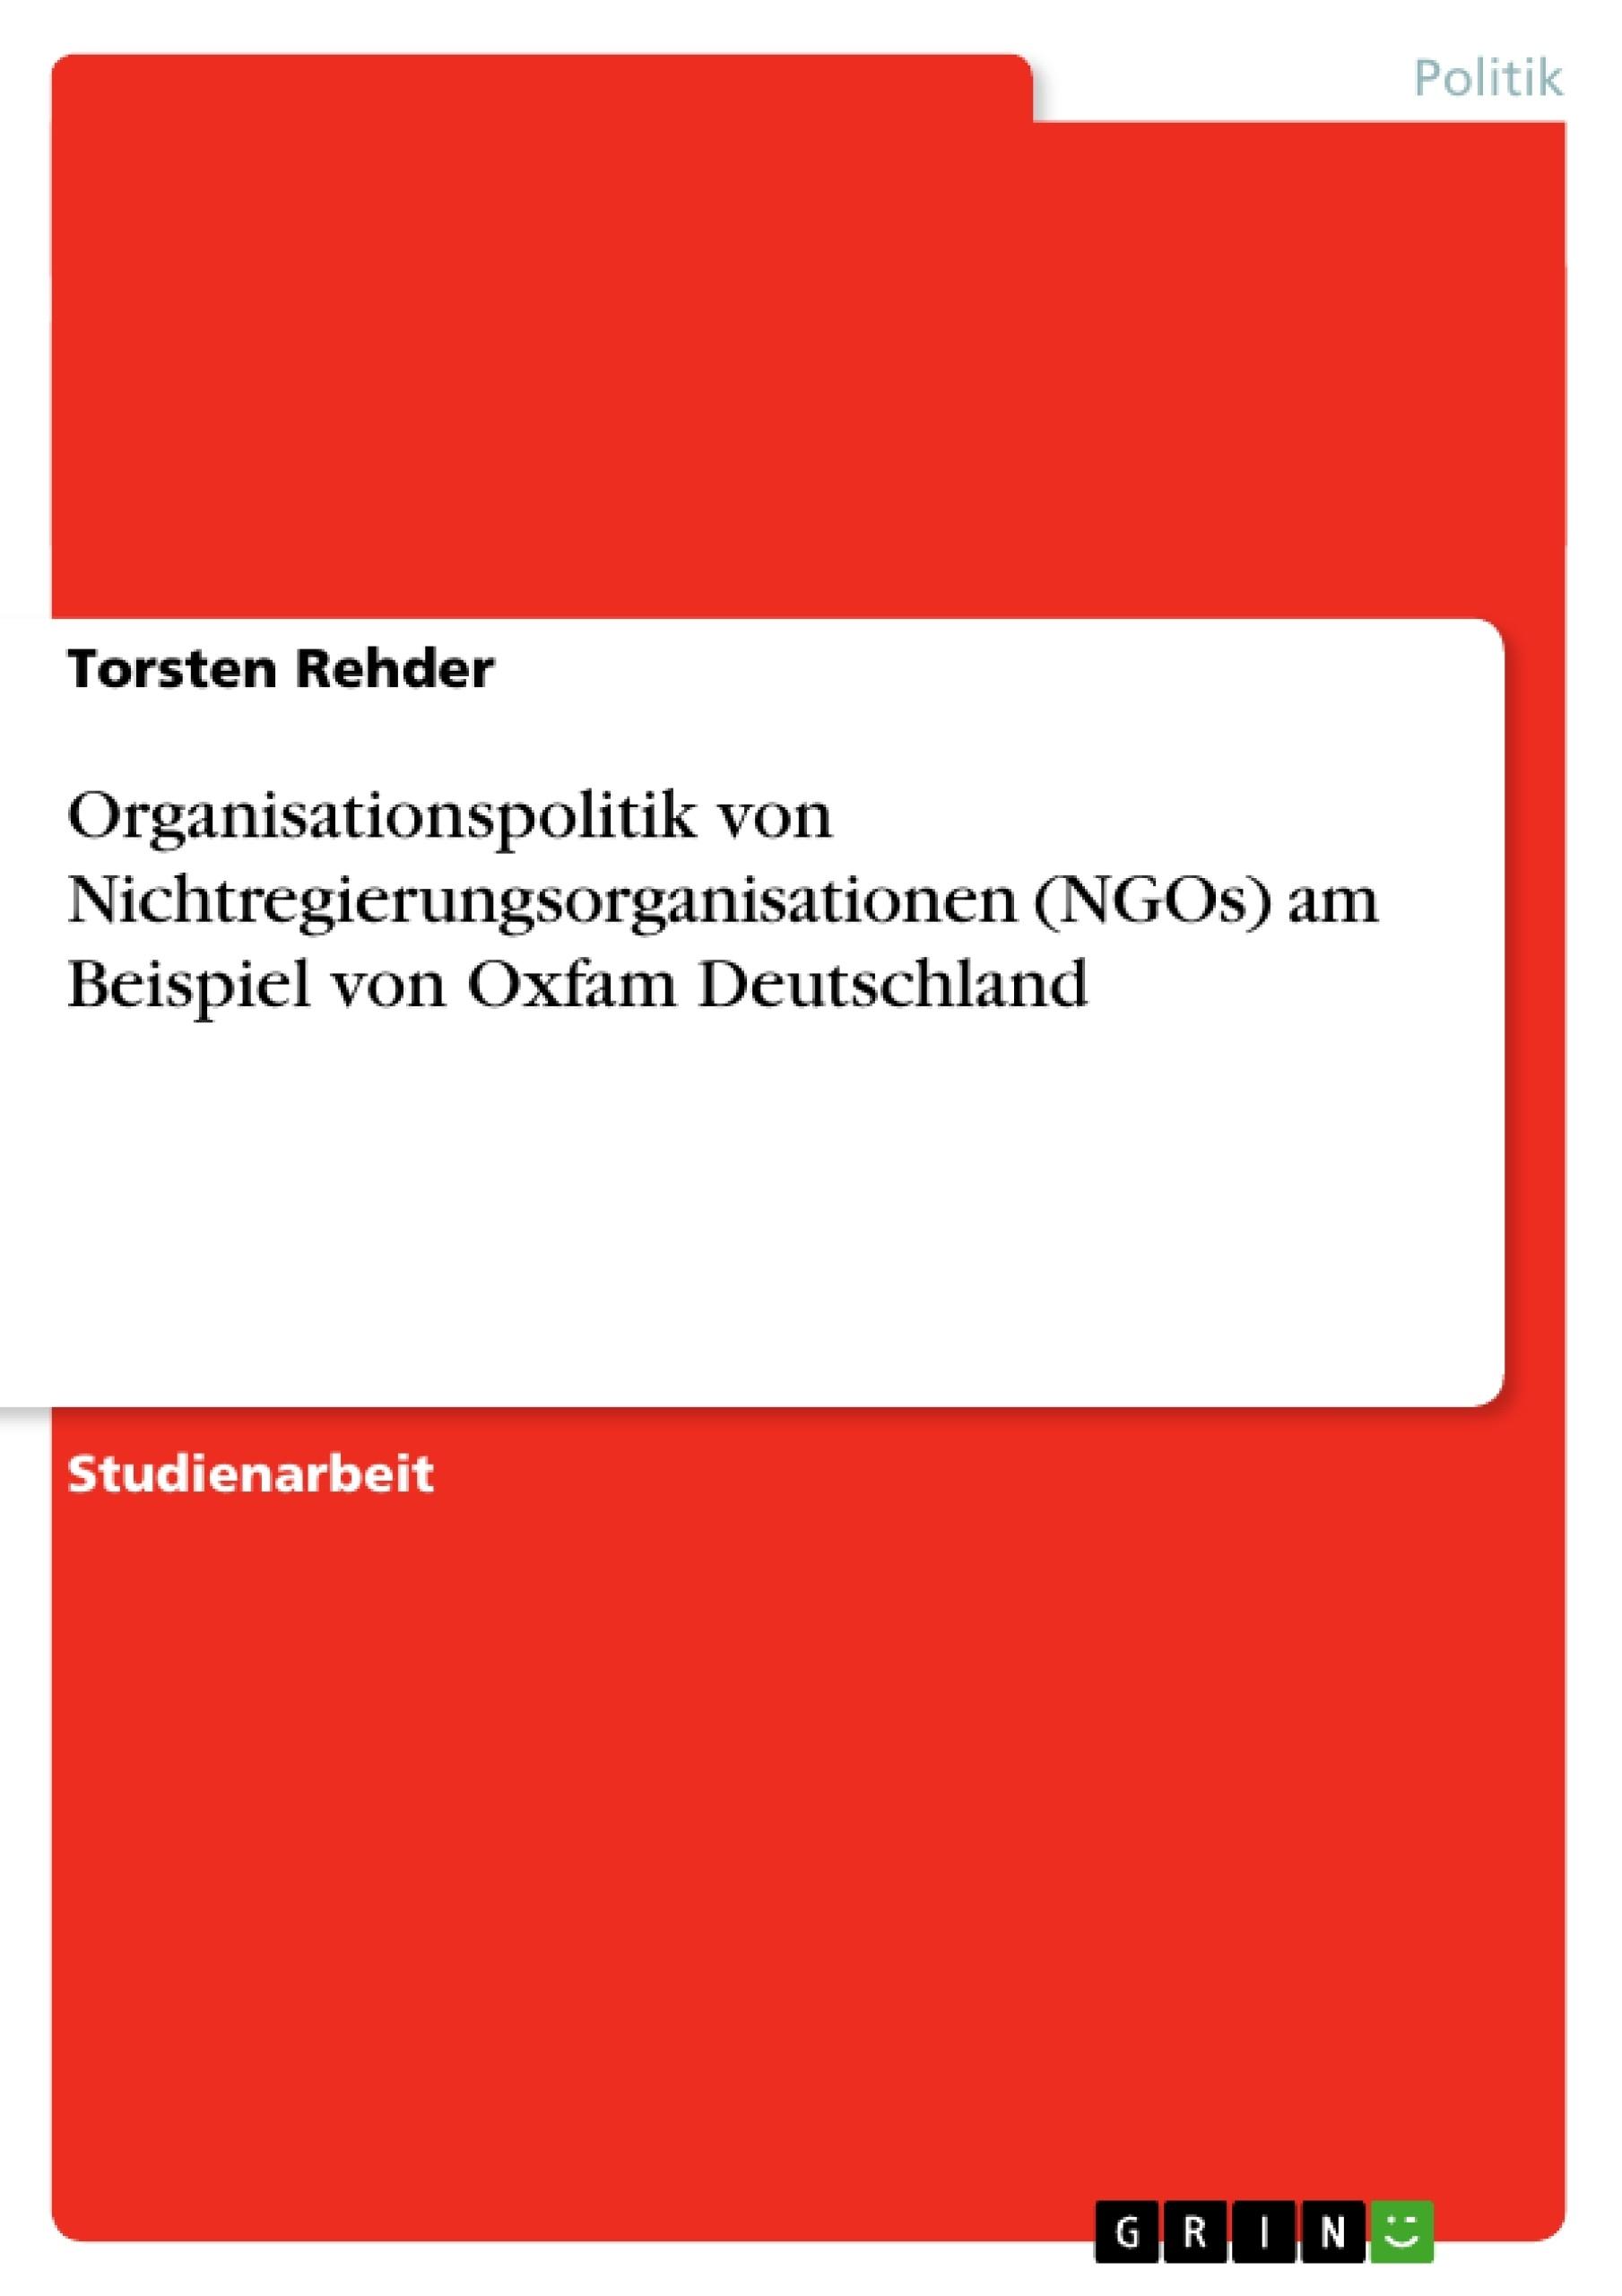 Titel: Organisationspolitik von Nichtregierungsorganisationen (NGOs) am Beispiel von Oxfam Deutschland